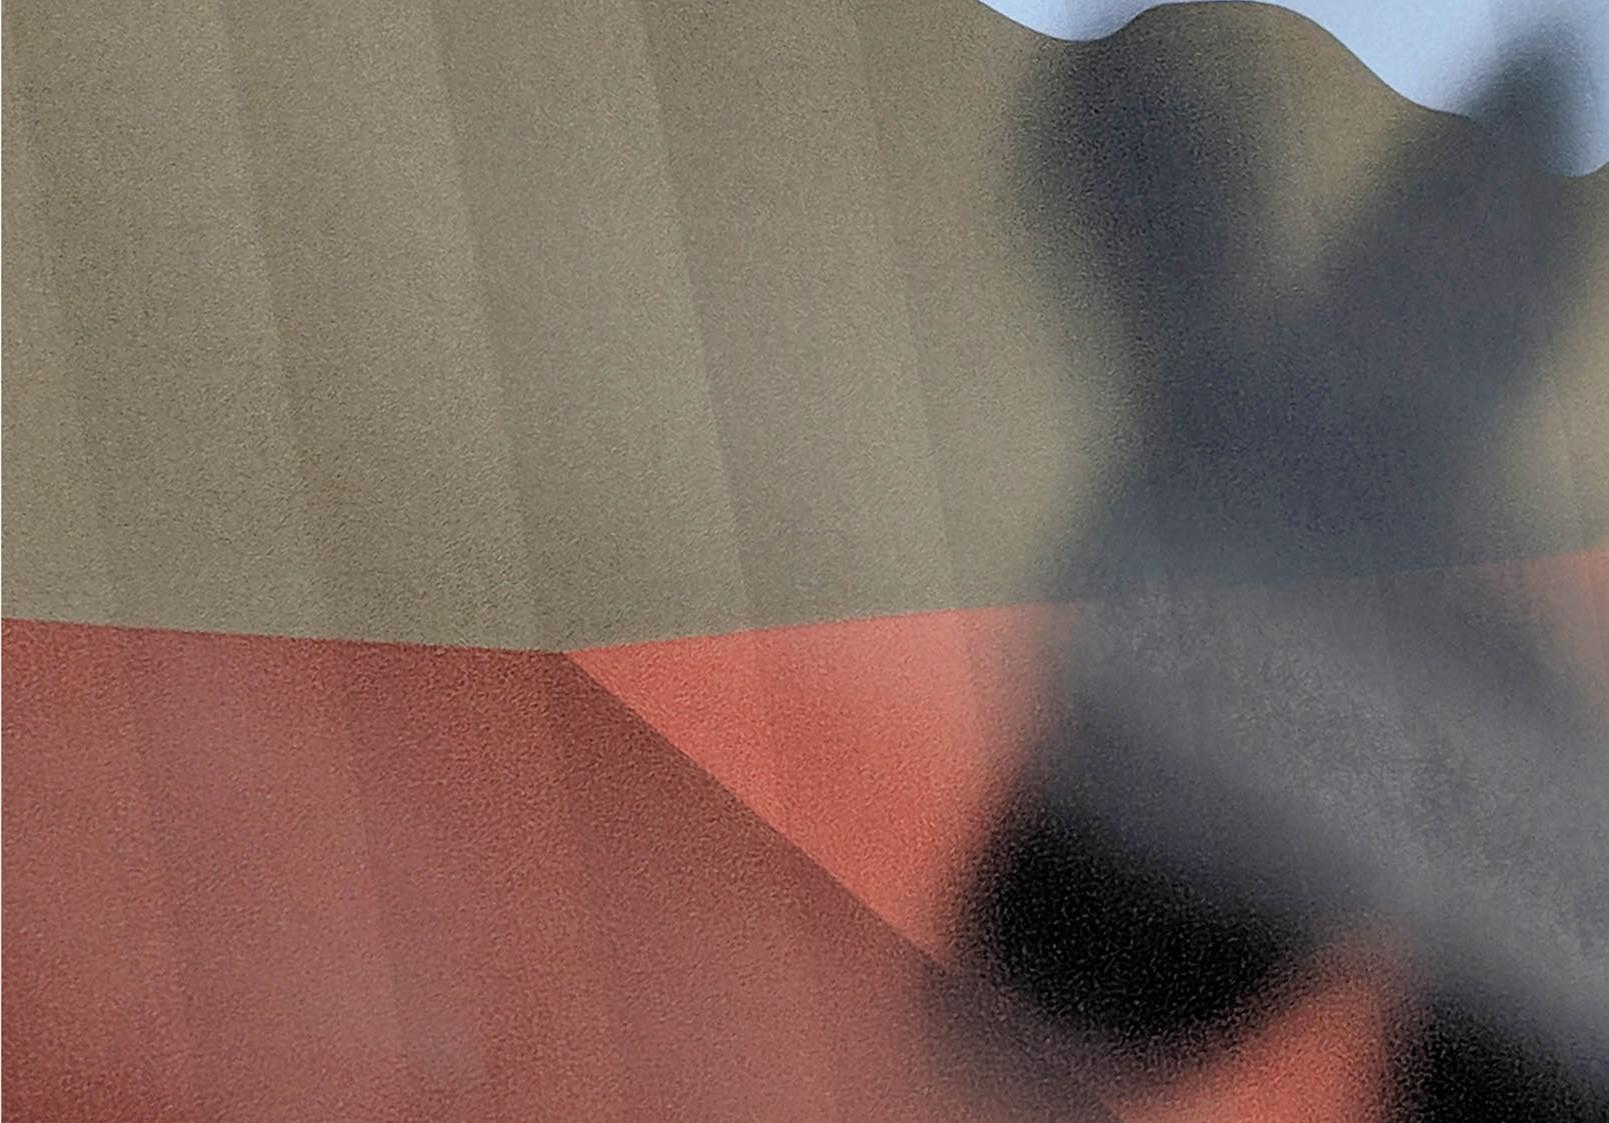 Kangaroo-banding_without_PrintFlat.jpg